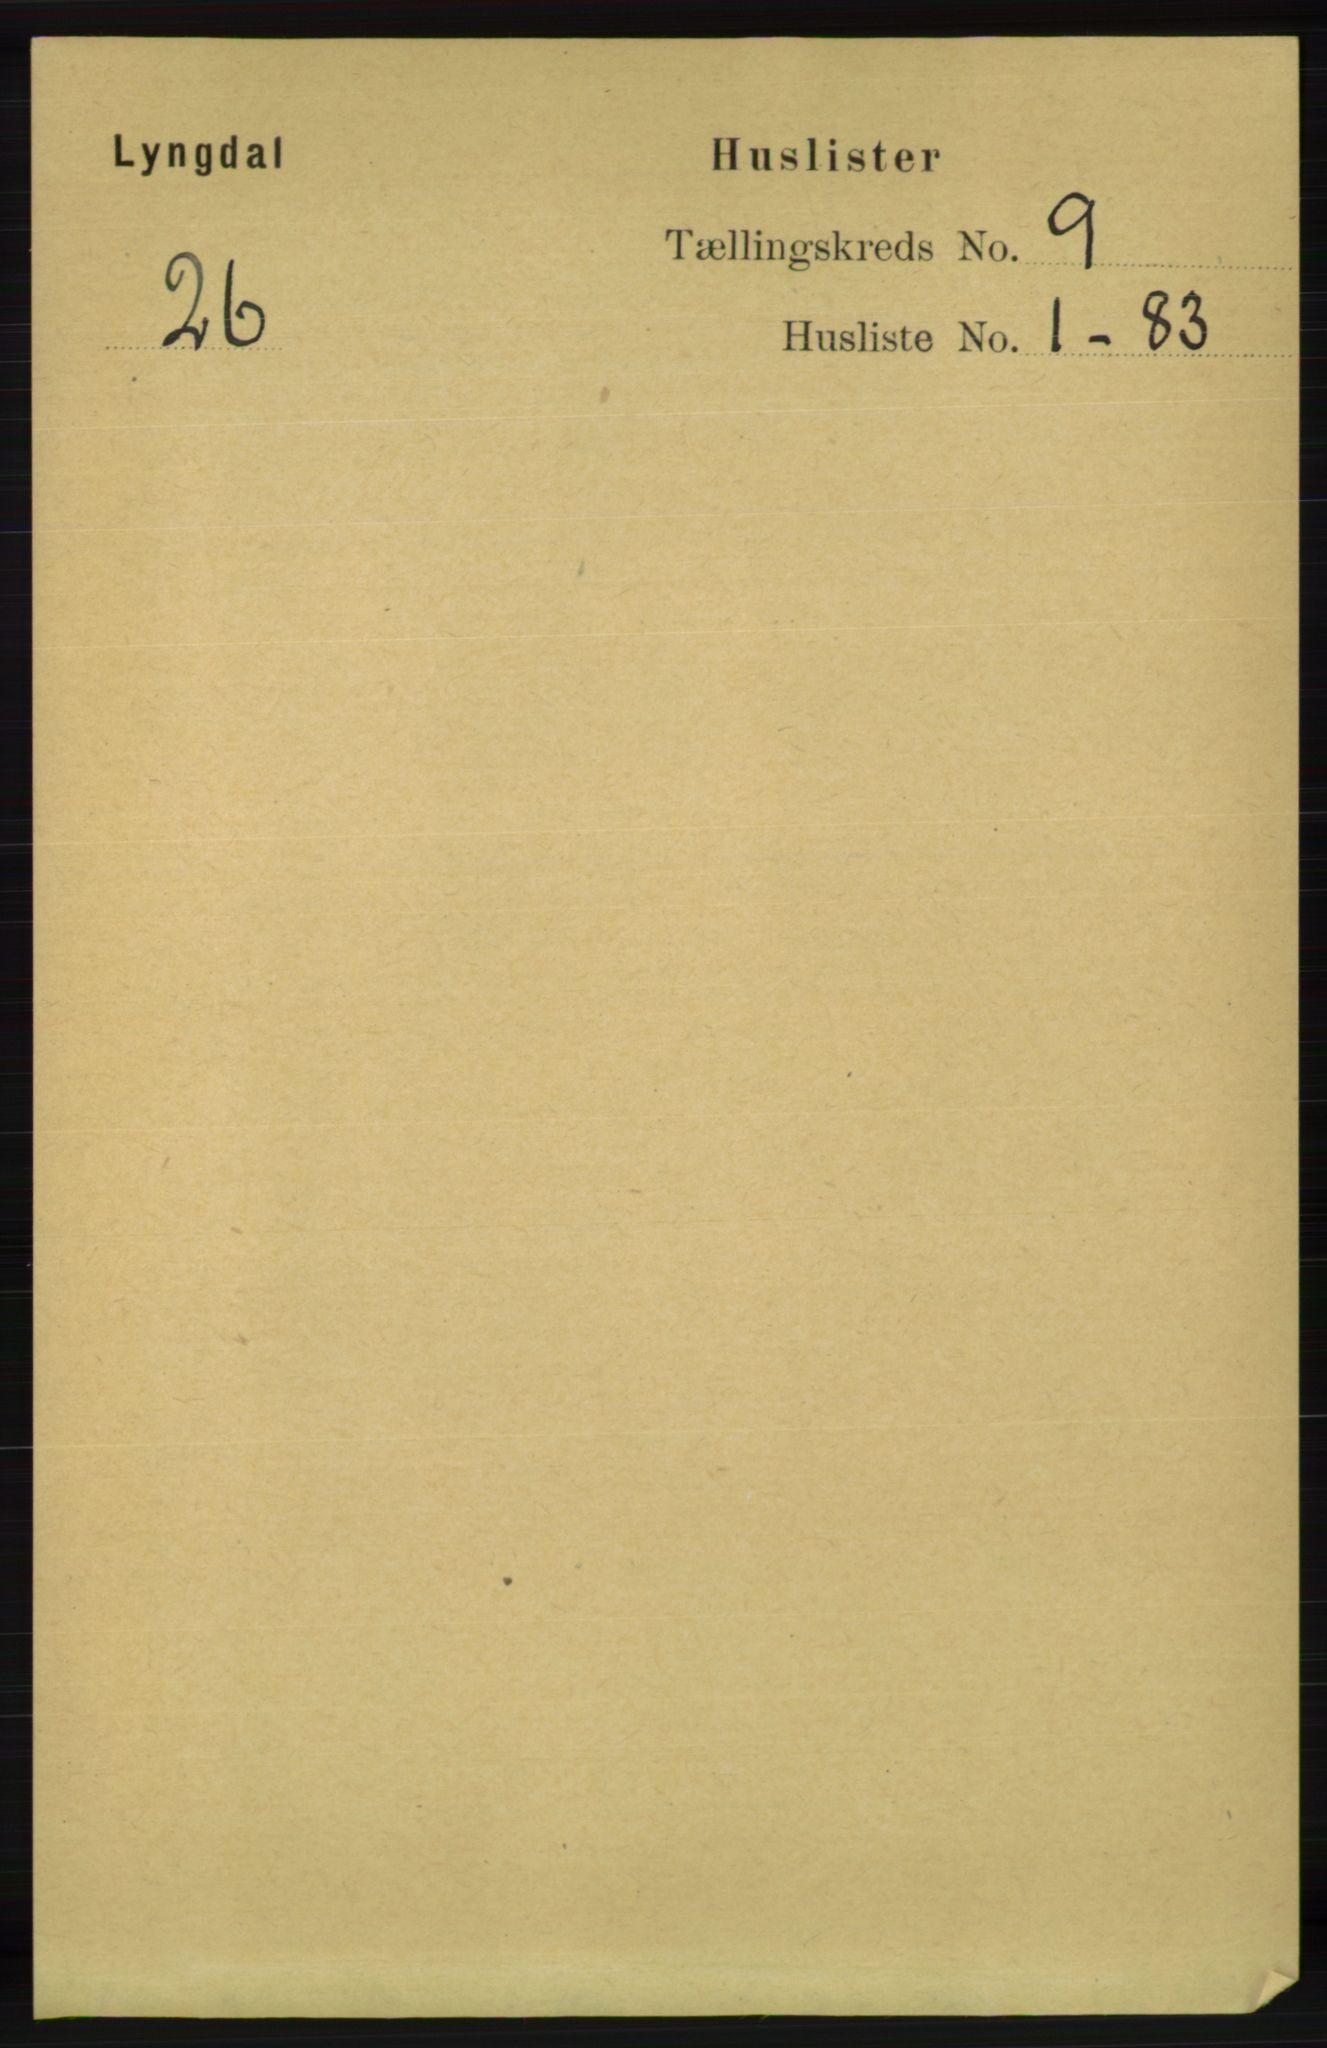 RA, Folketelling 1891 for 1032 Lyngdal herred, 1891, s. 3608